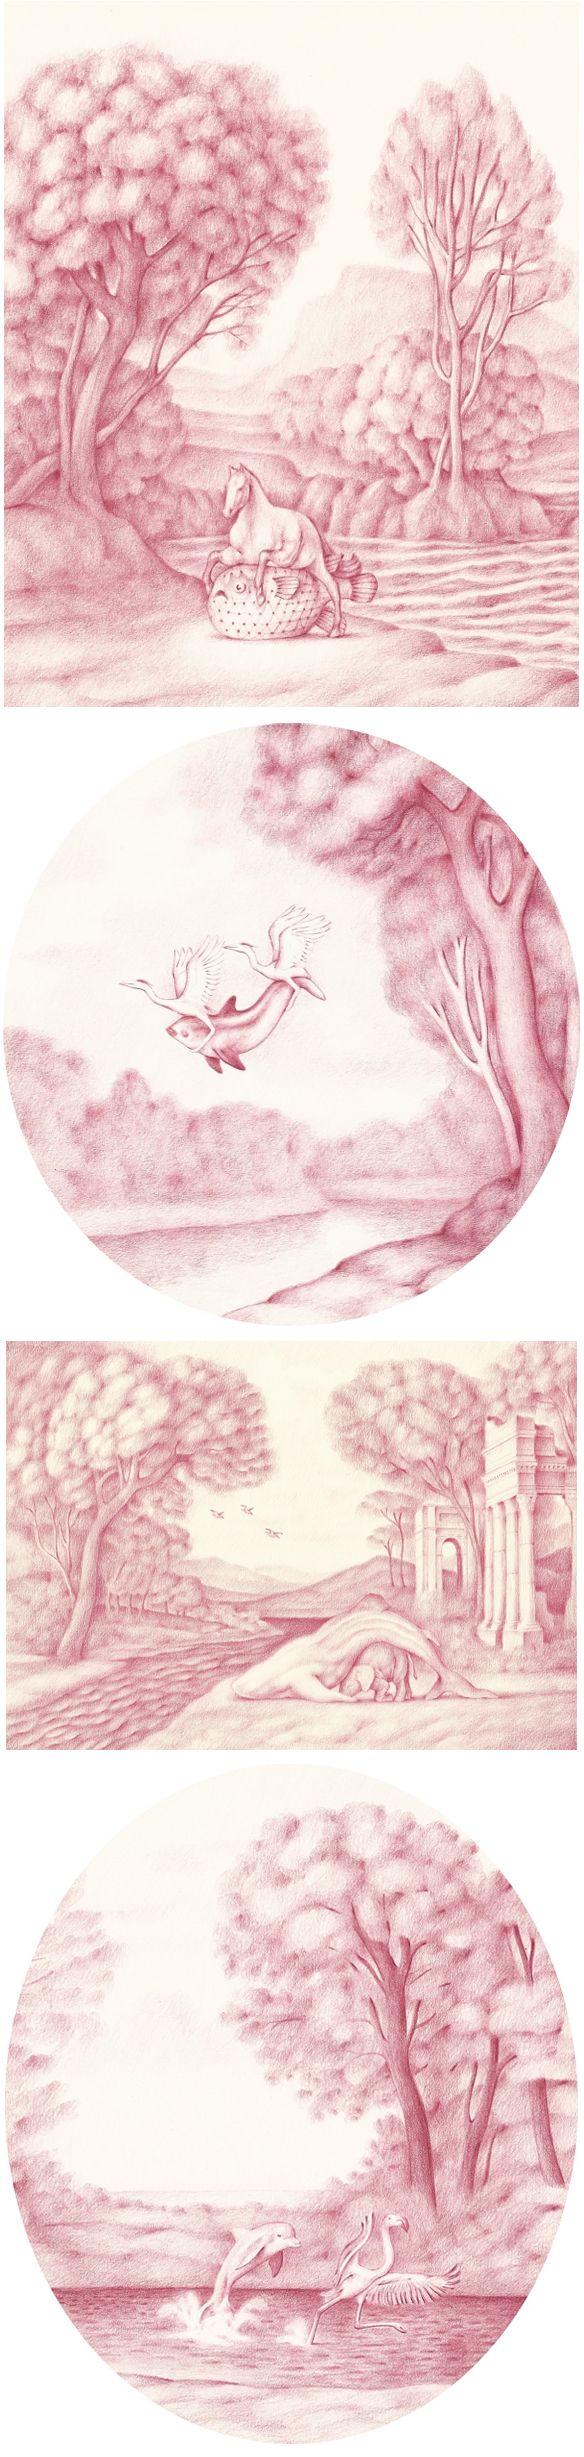 color pencil drawings by sam branton <3